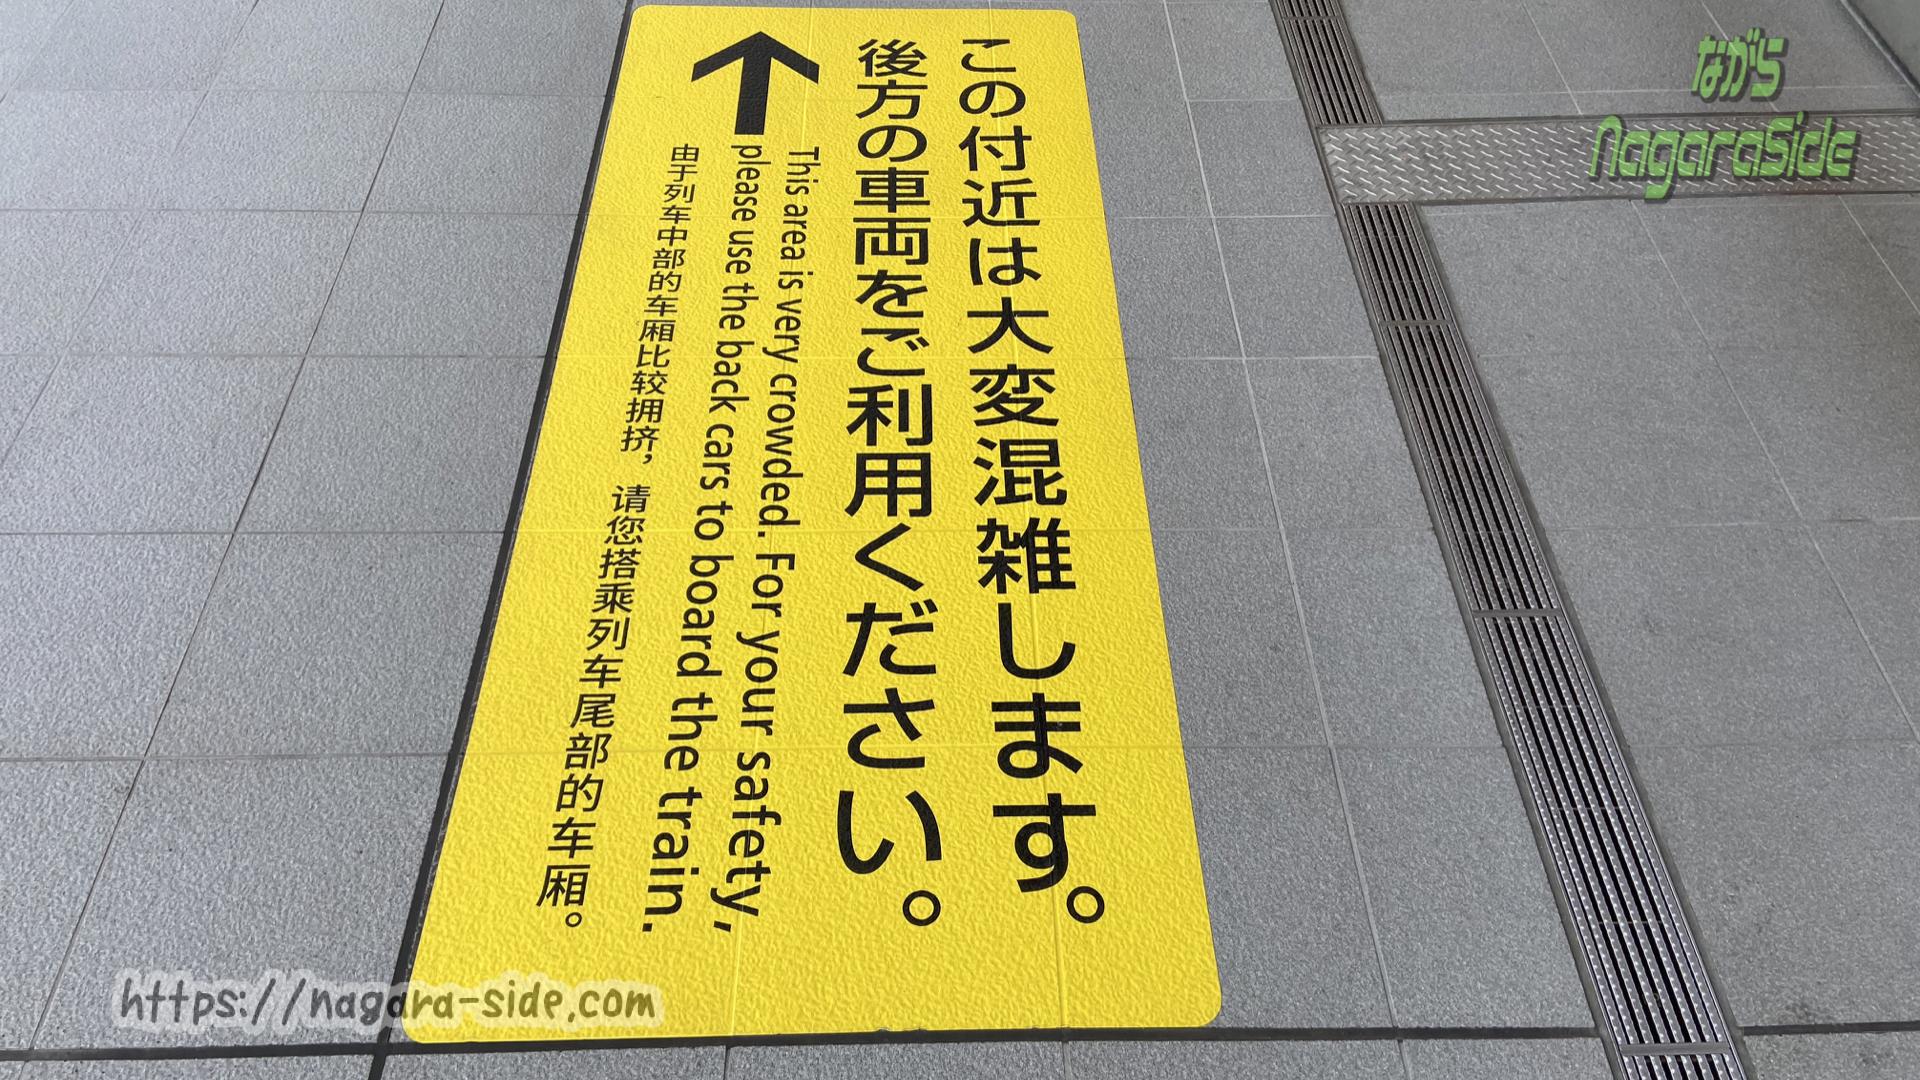 駅ホームの案内表示